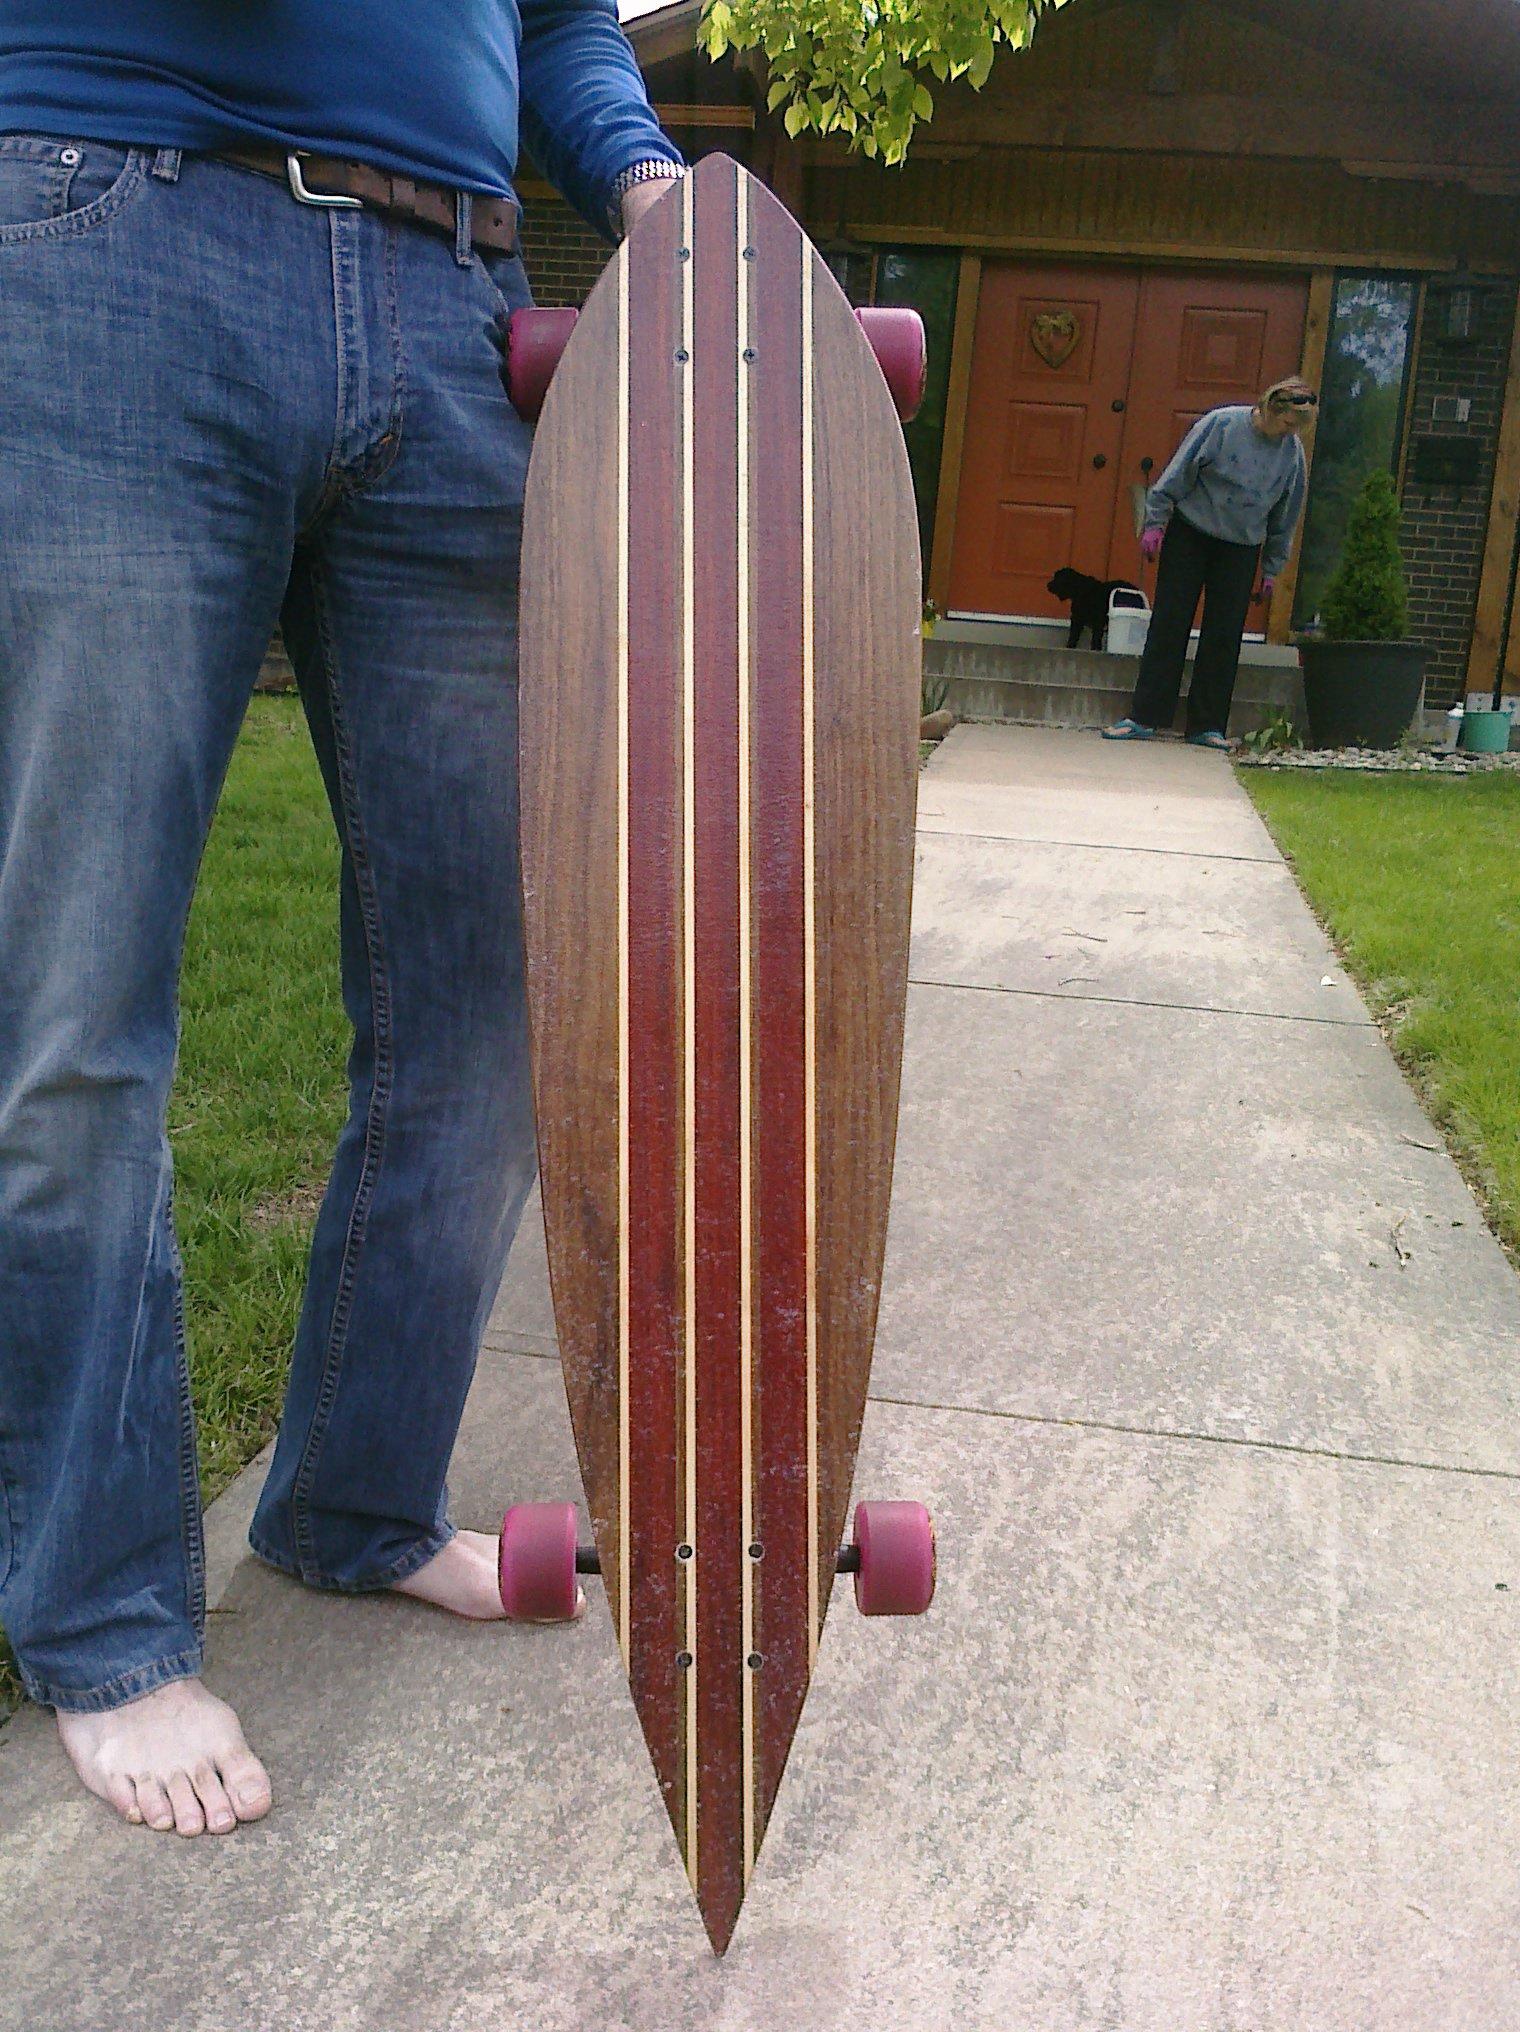 Sik Longboards